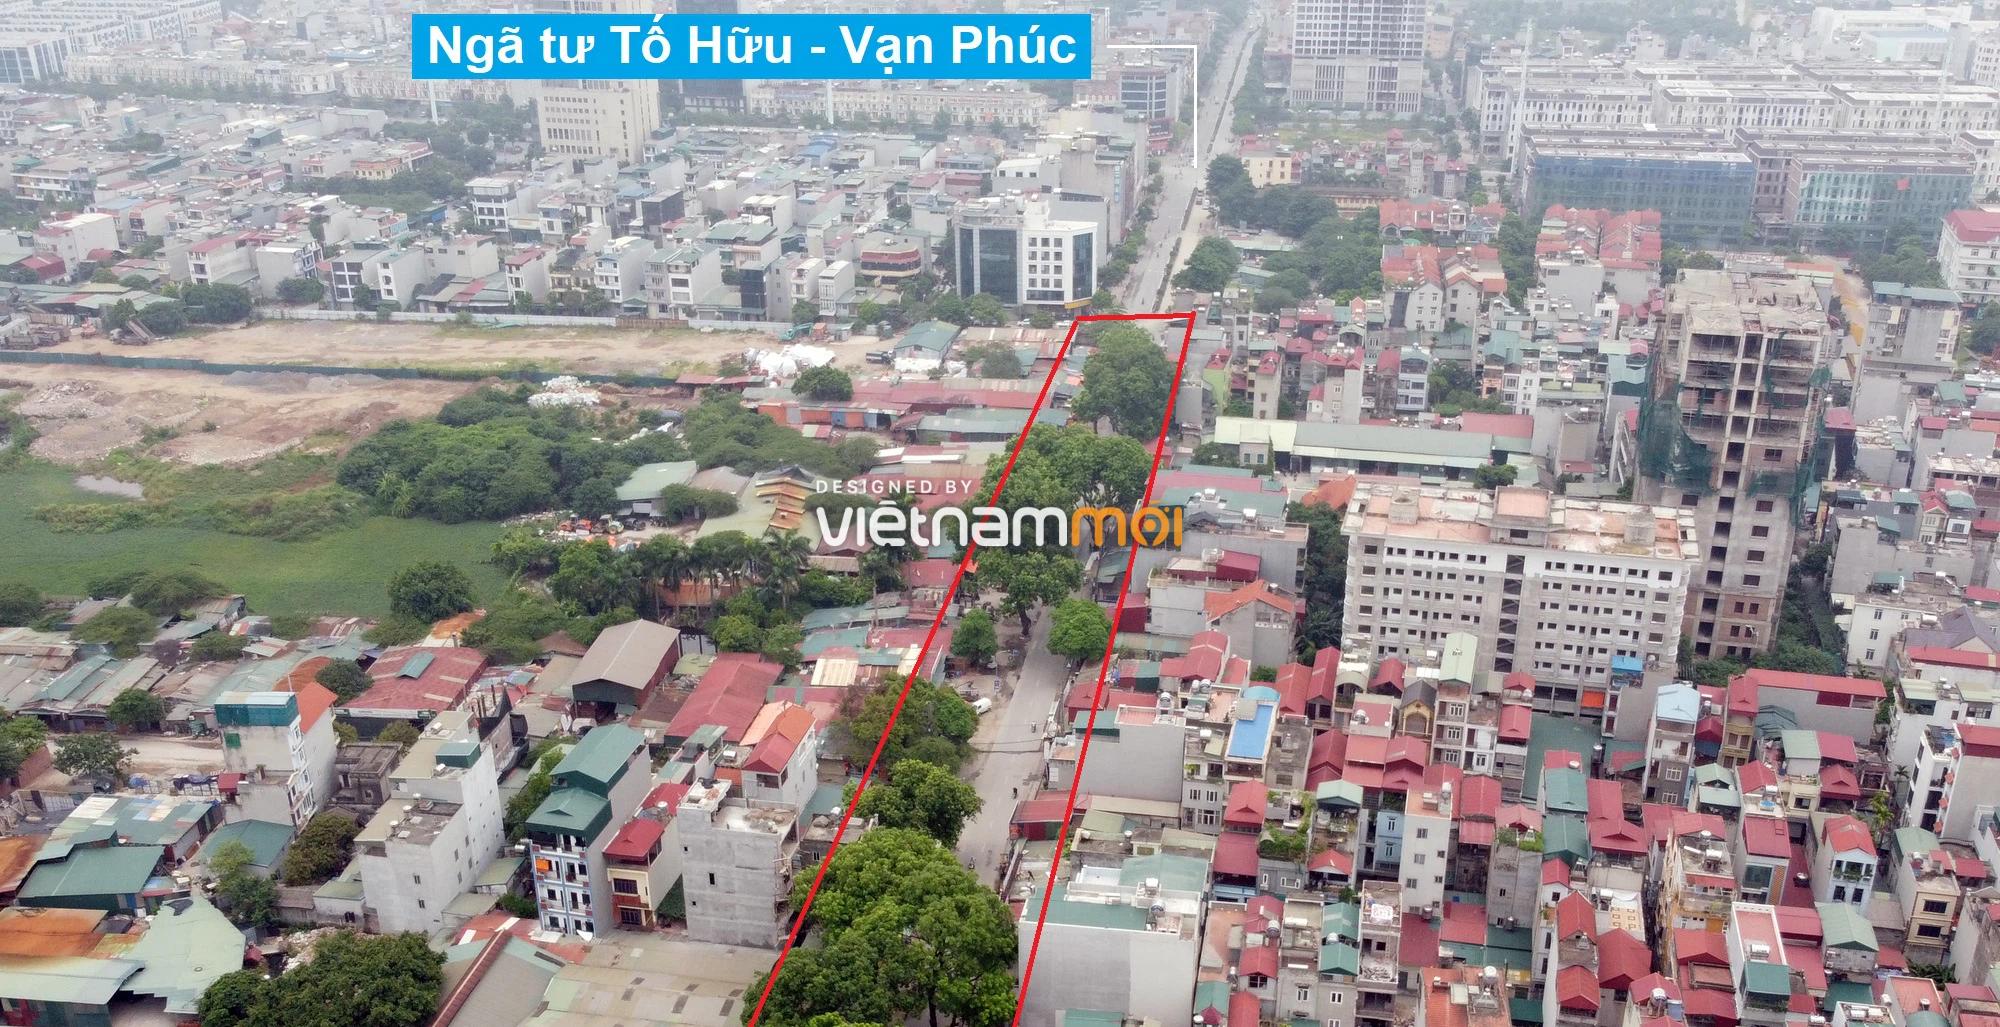 Những khu đất sắp thu hồi để mở đường ở phường Đại Mỗ, Nam Từ Liêm, Hà Nội (phần 2) - Ảnh 17.